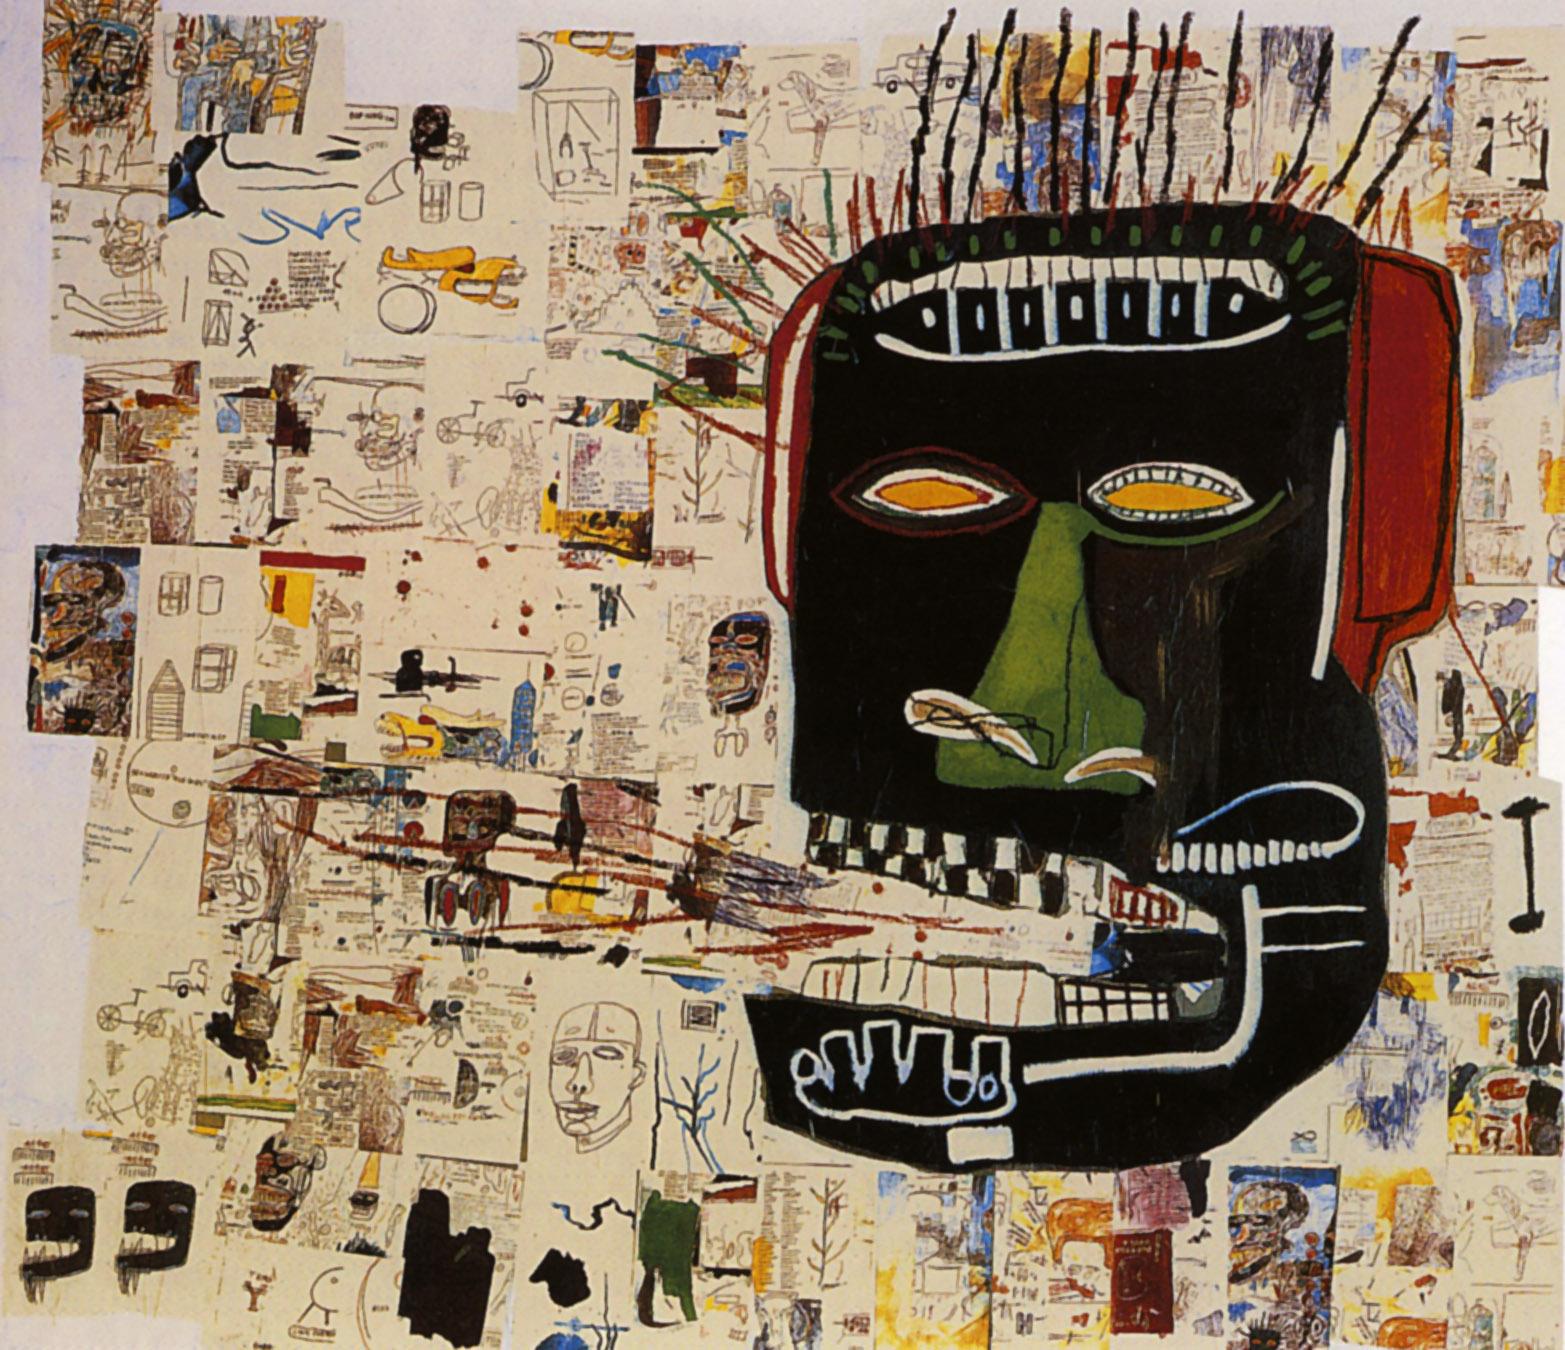 http://uploads5.wikipaintings.org/images/jean-michel-basquiat/glenn.jpg